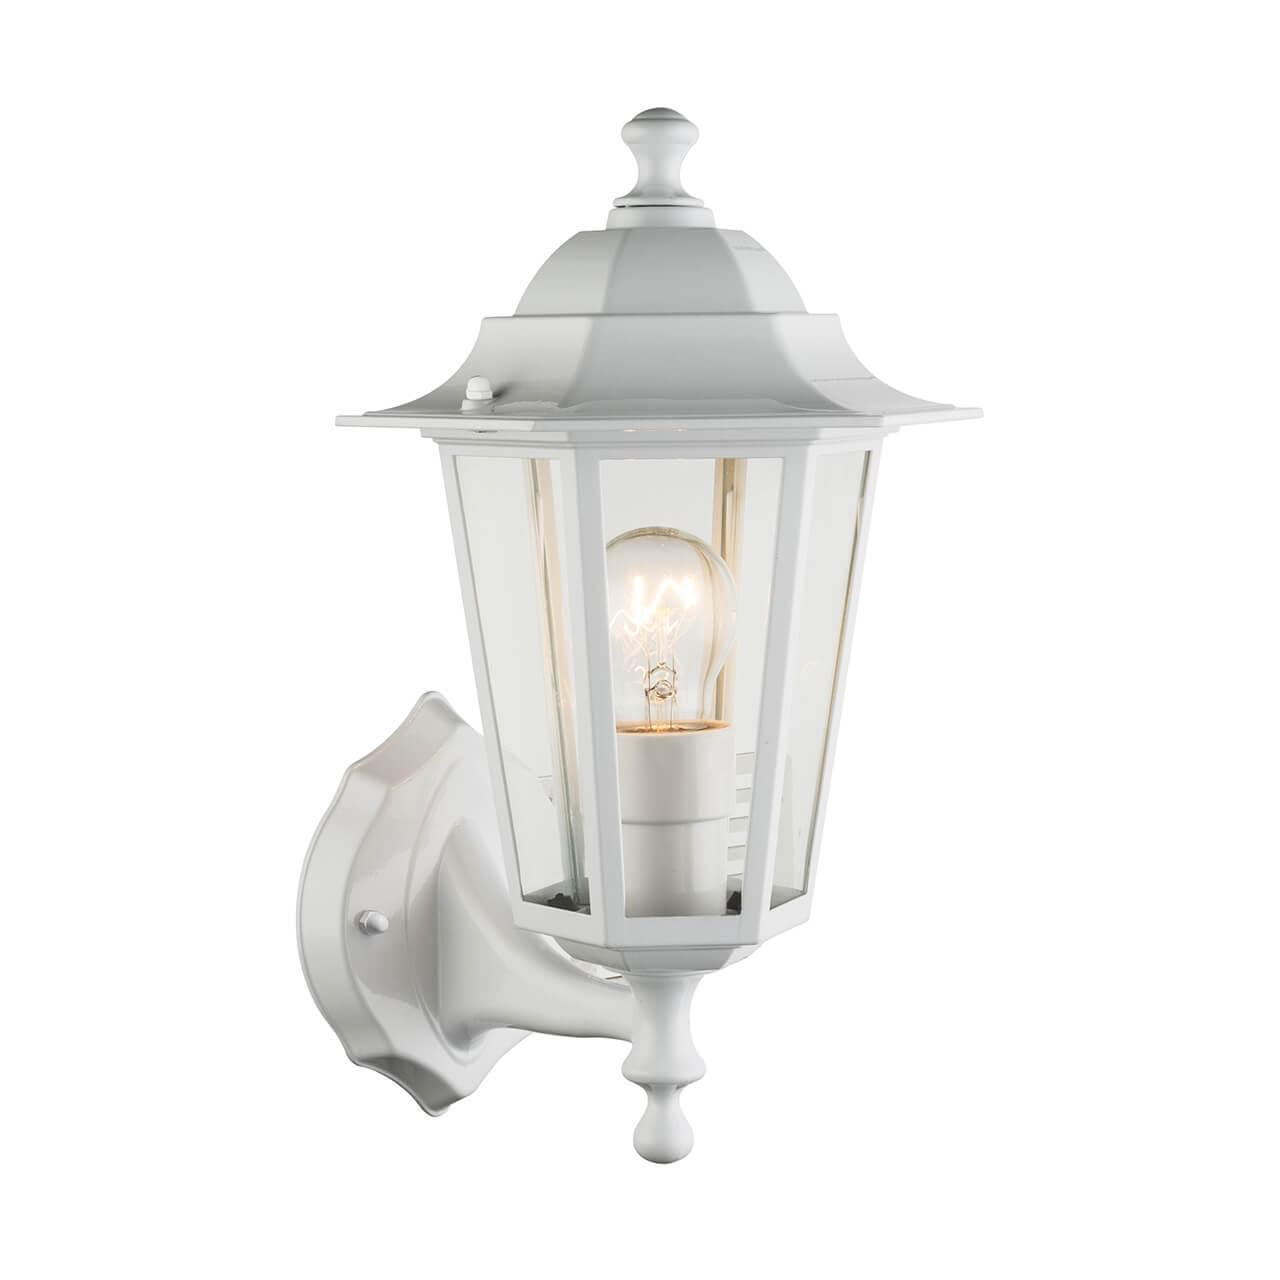 цена на Уличный настенный светильник Globo Adamo 31870